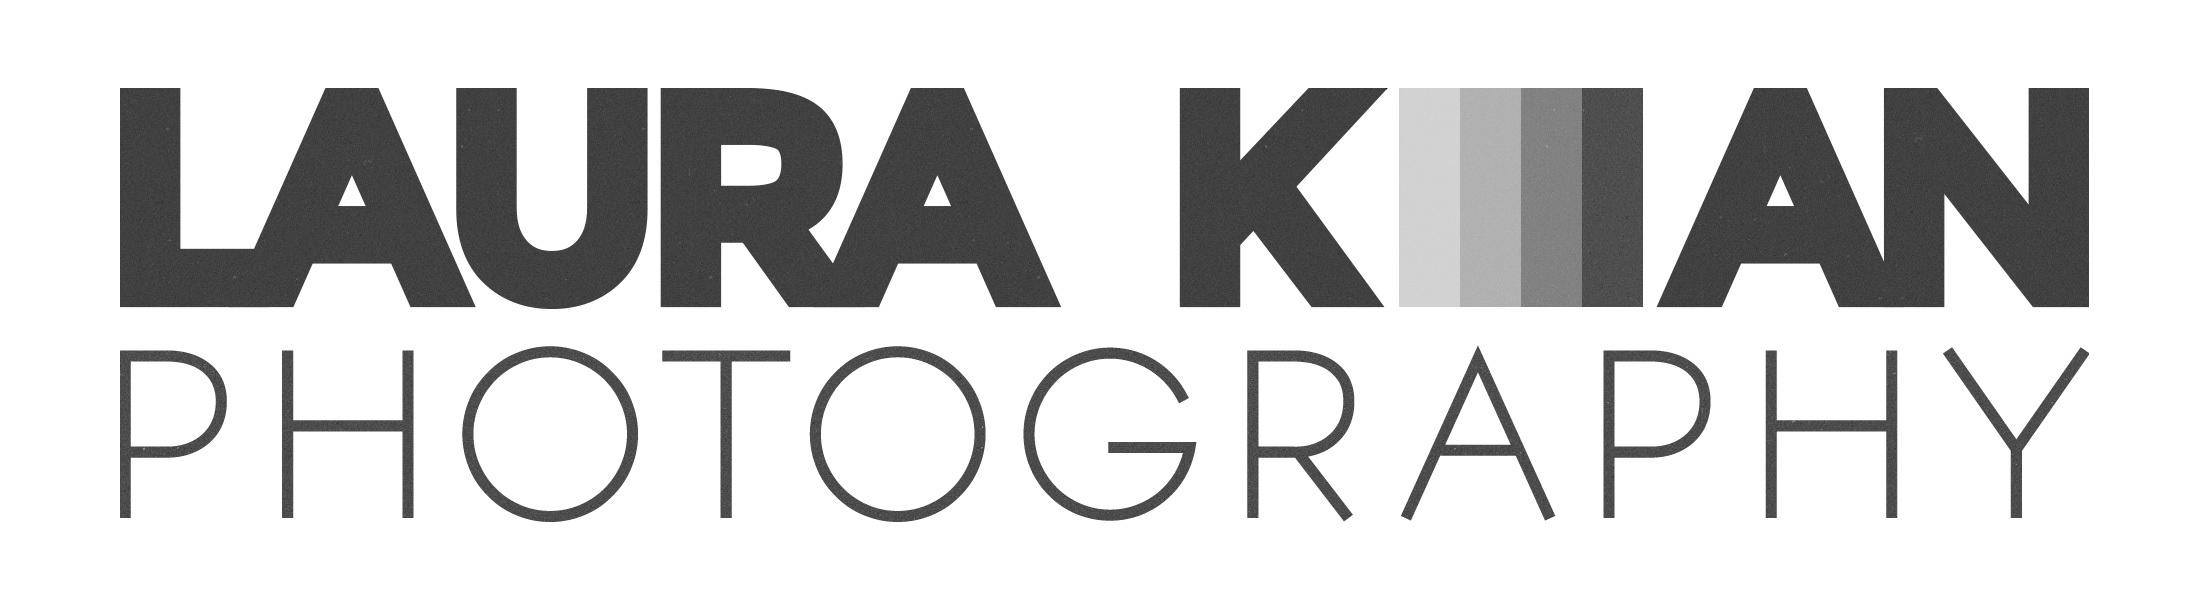 Laura Killian Photography